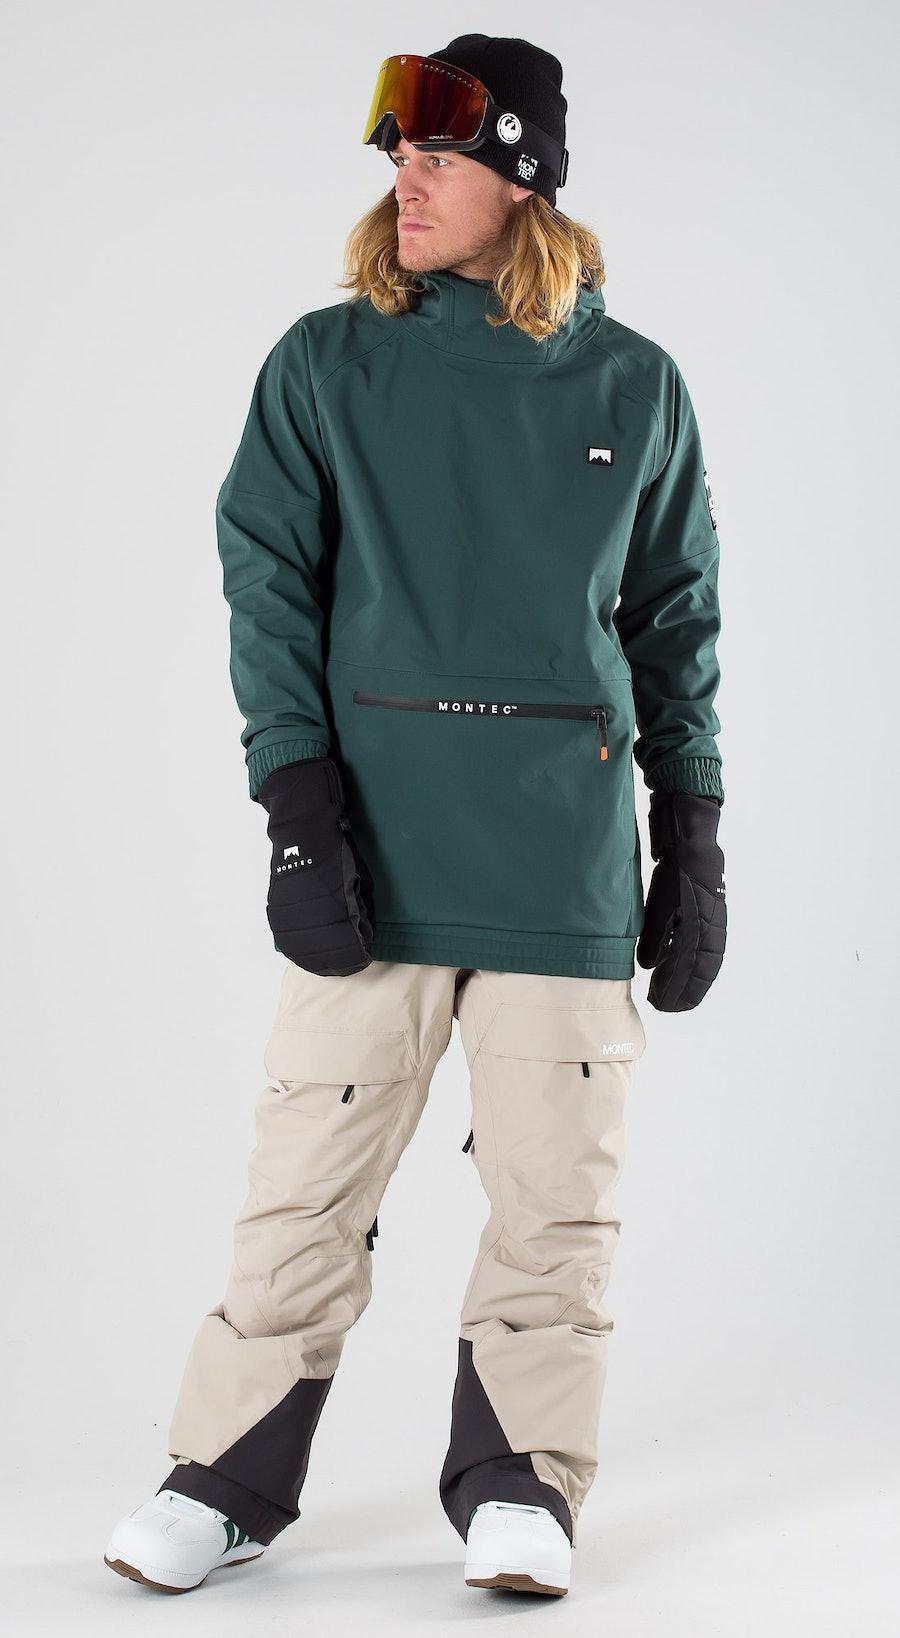 Montec Tempest Dark Atlantic Snowboardkläder Multi